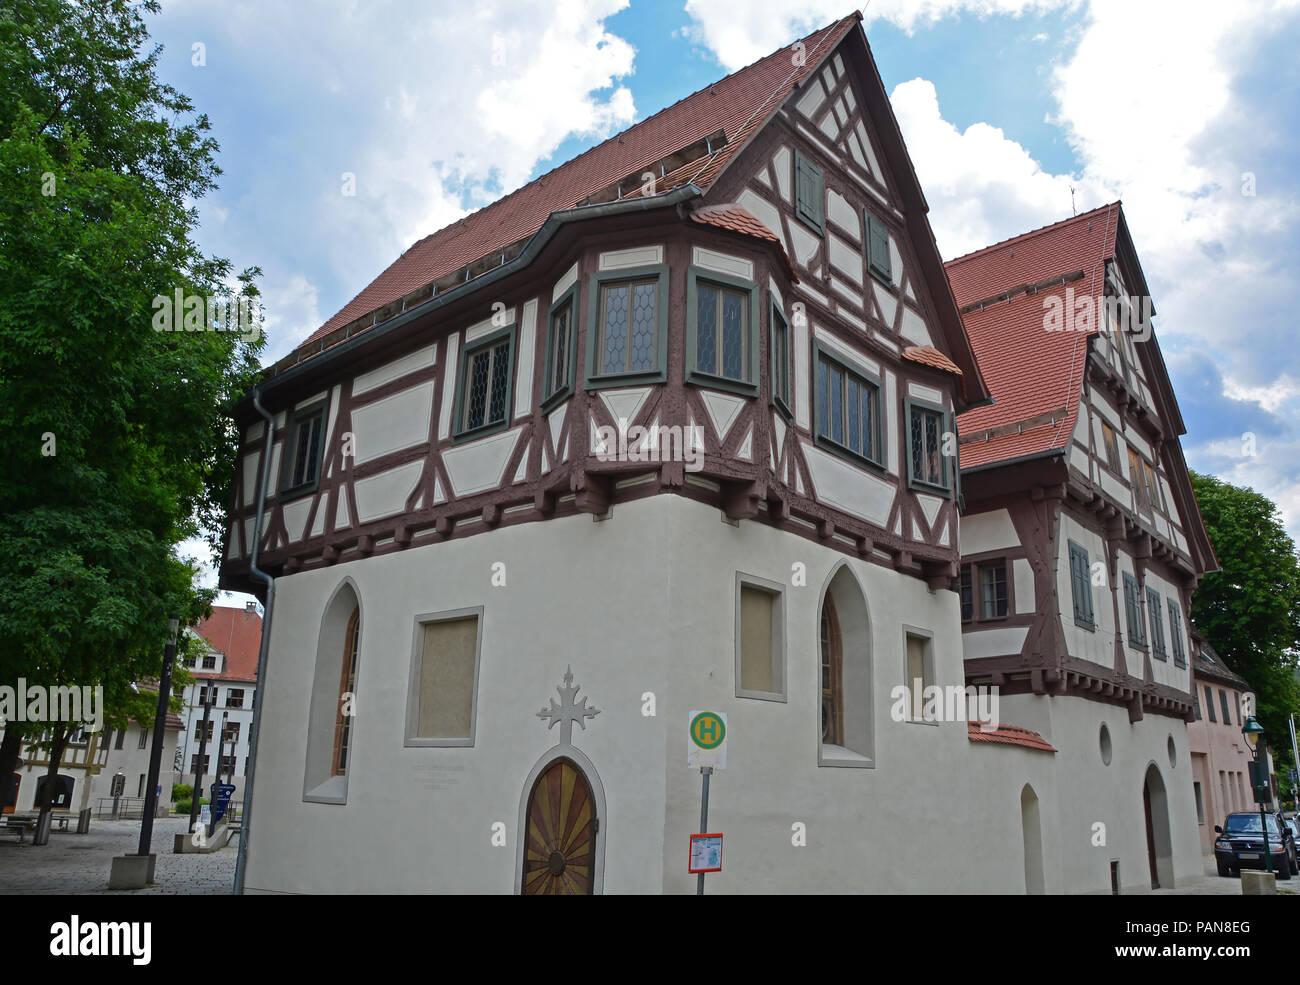 Deutsche Fachwerkhaus lutherische Kapelle in der mittelalterlichen Stadt auf der Schwäbischen Alb Region aus dem sechzehnten Jahrhundert Stockbild